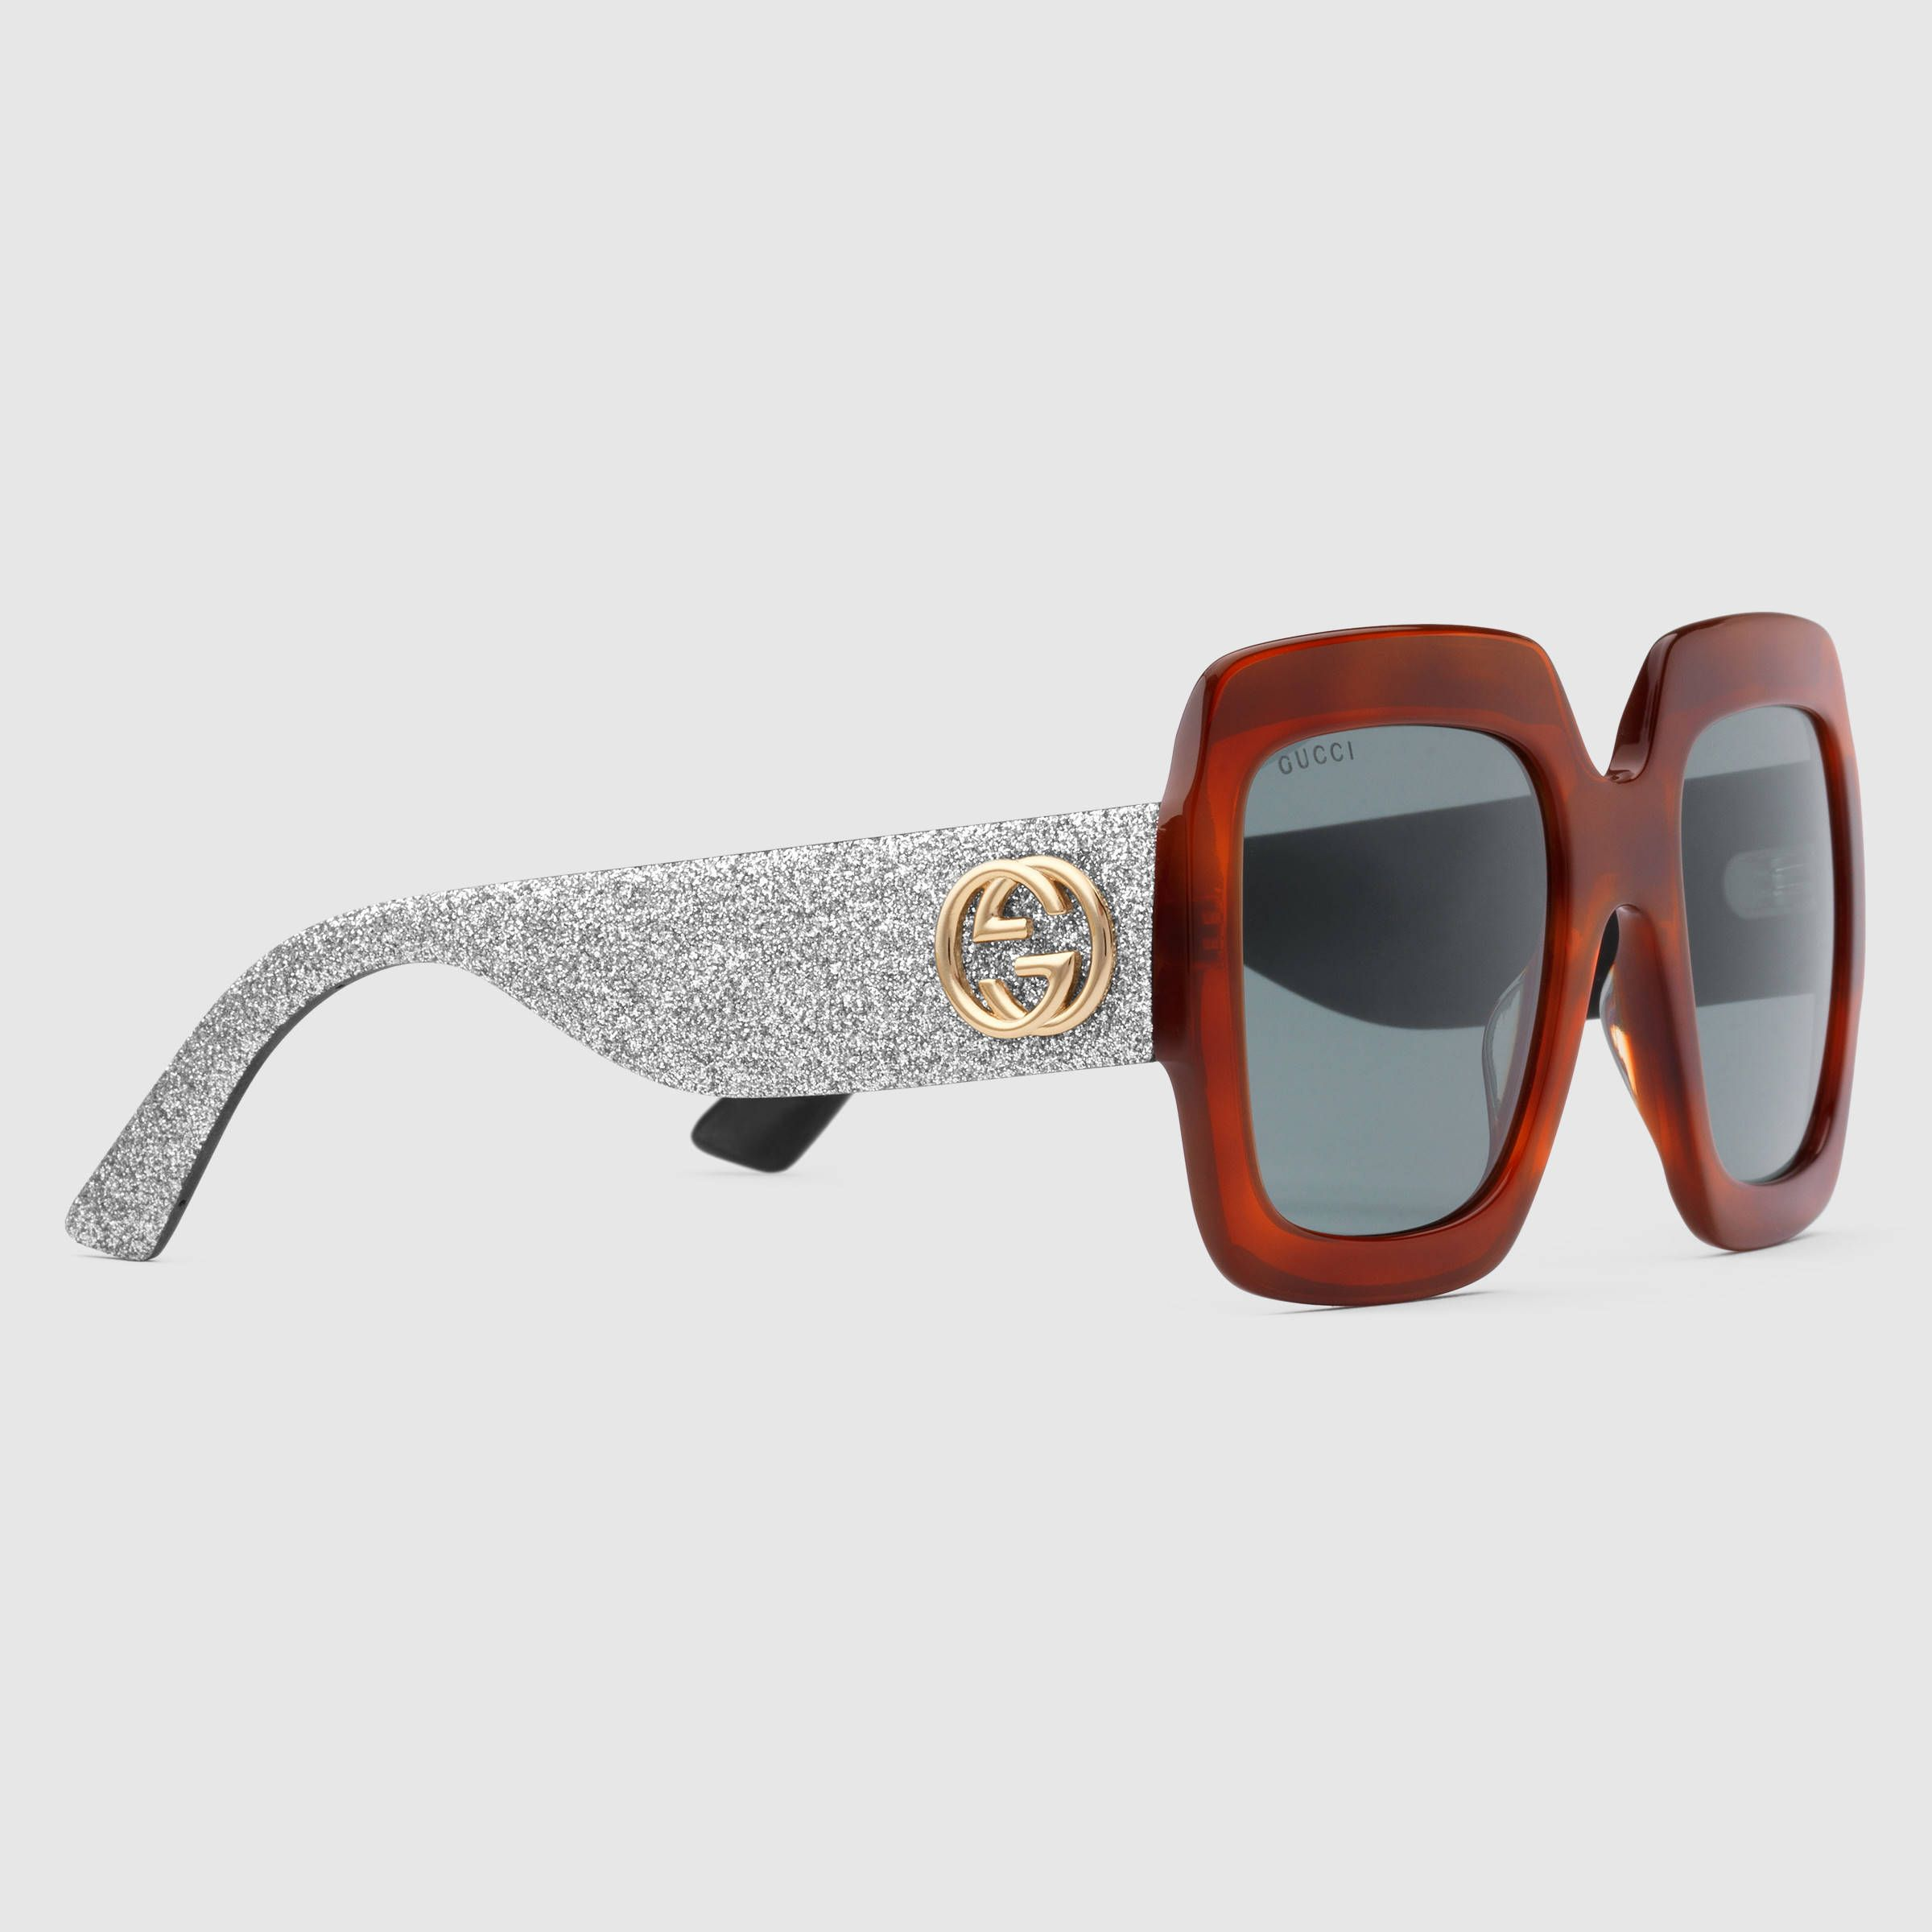 Lunettes de soleil femme été 2018   40 paires de lunettes de soleil pour  femme tendance pour l été 2018   Lunettes   Glasses c106af8667ca